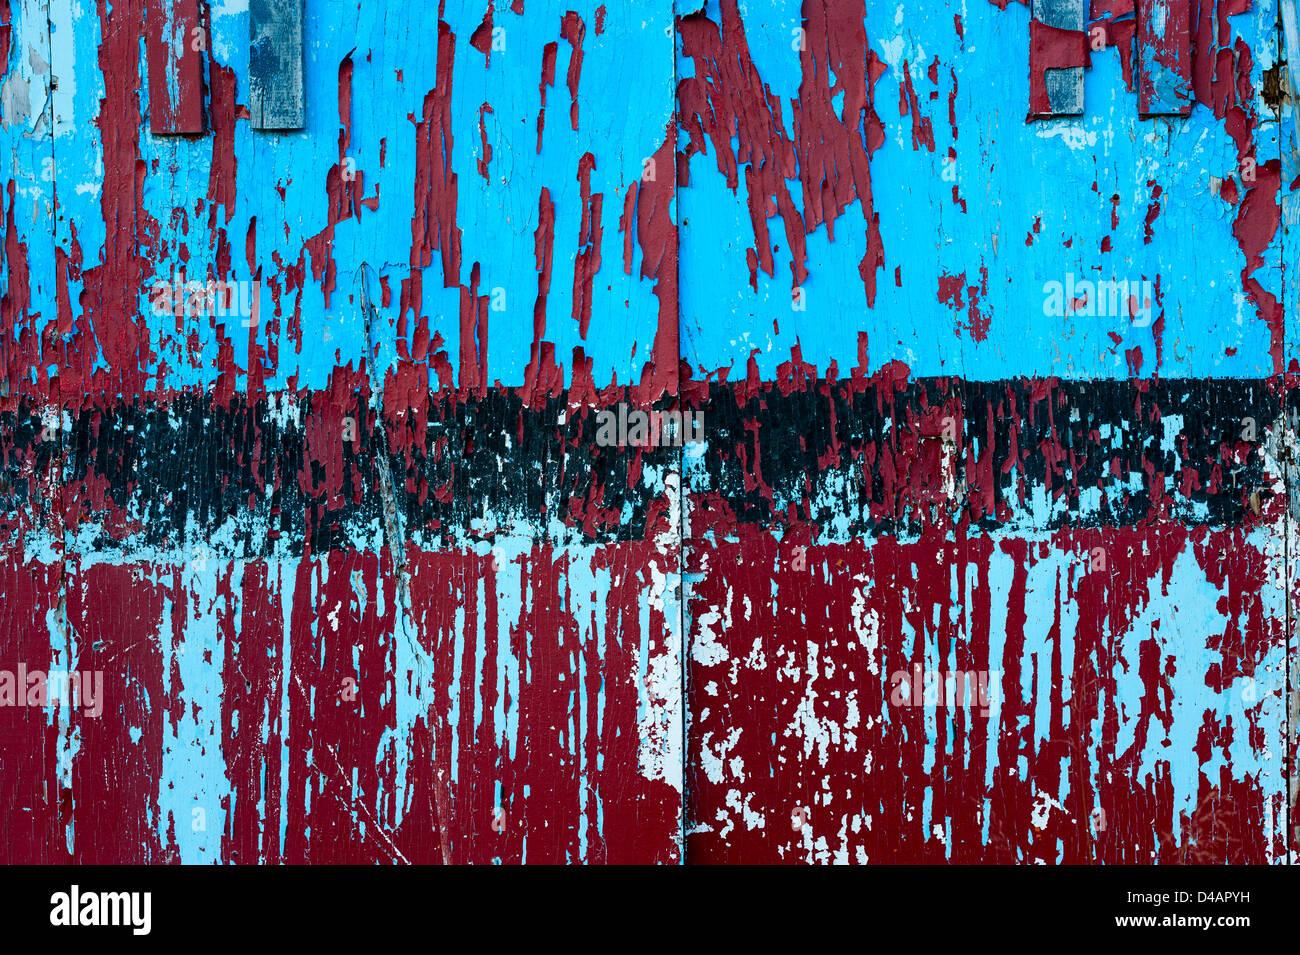 Verwitterte Farbe gesäumt und läuten. Stockbild